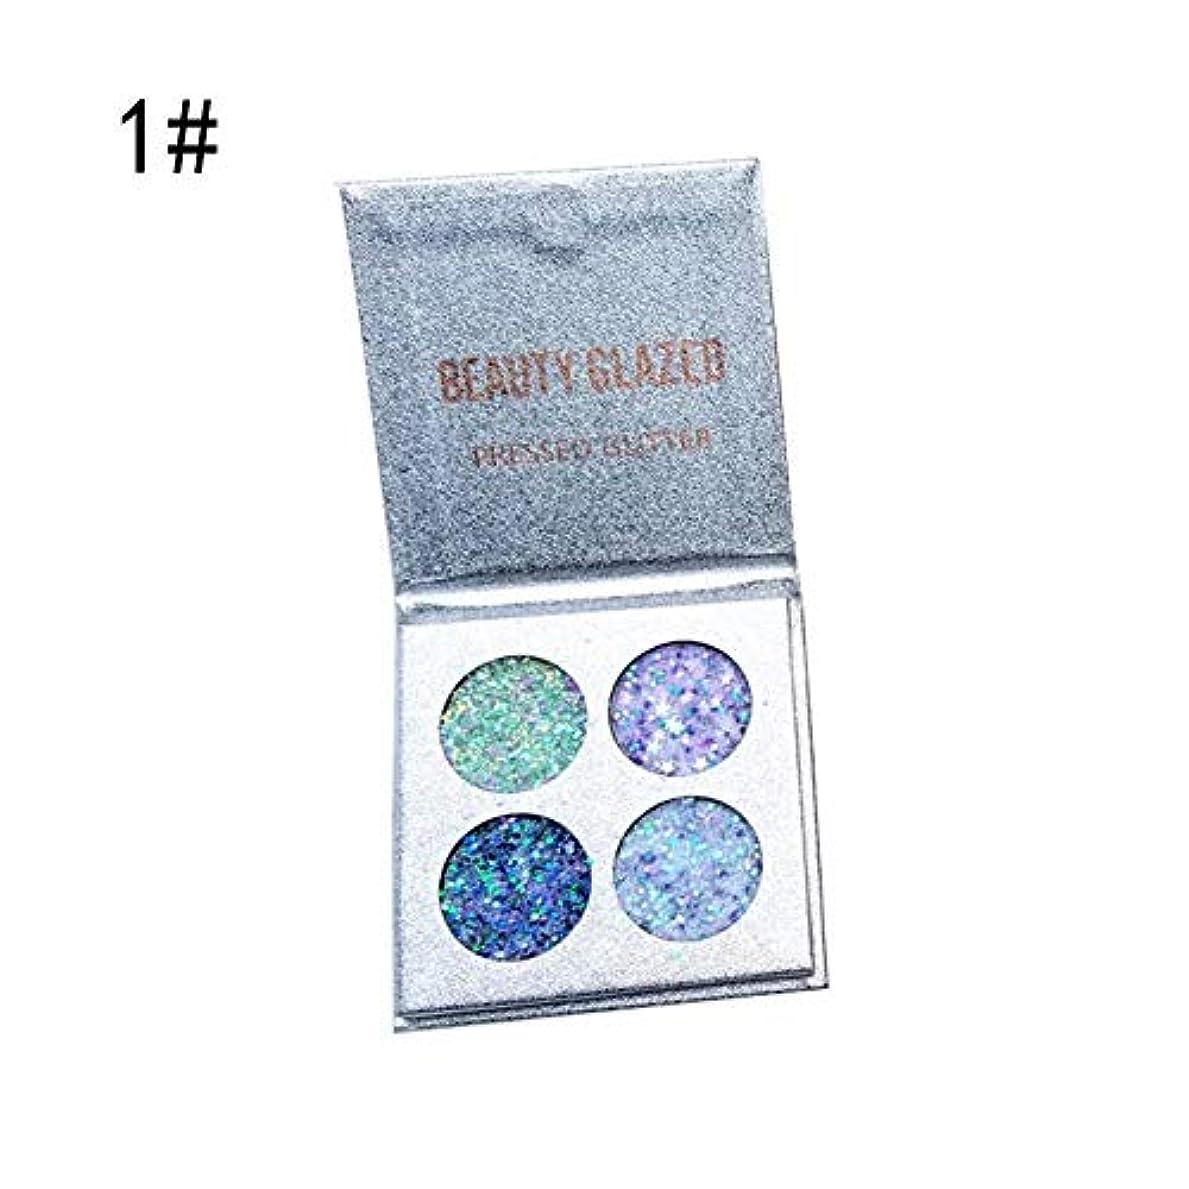 暗黙本物の信じられないBETTER YOU (ベター ュー) beauty glazed 4色スパンコールアイシャドウ、浮遊粉なし、しみ込みやすく、防水、防汗性、持続性、天然 (A 1#)